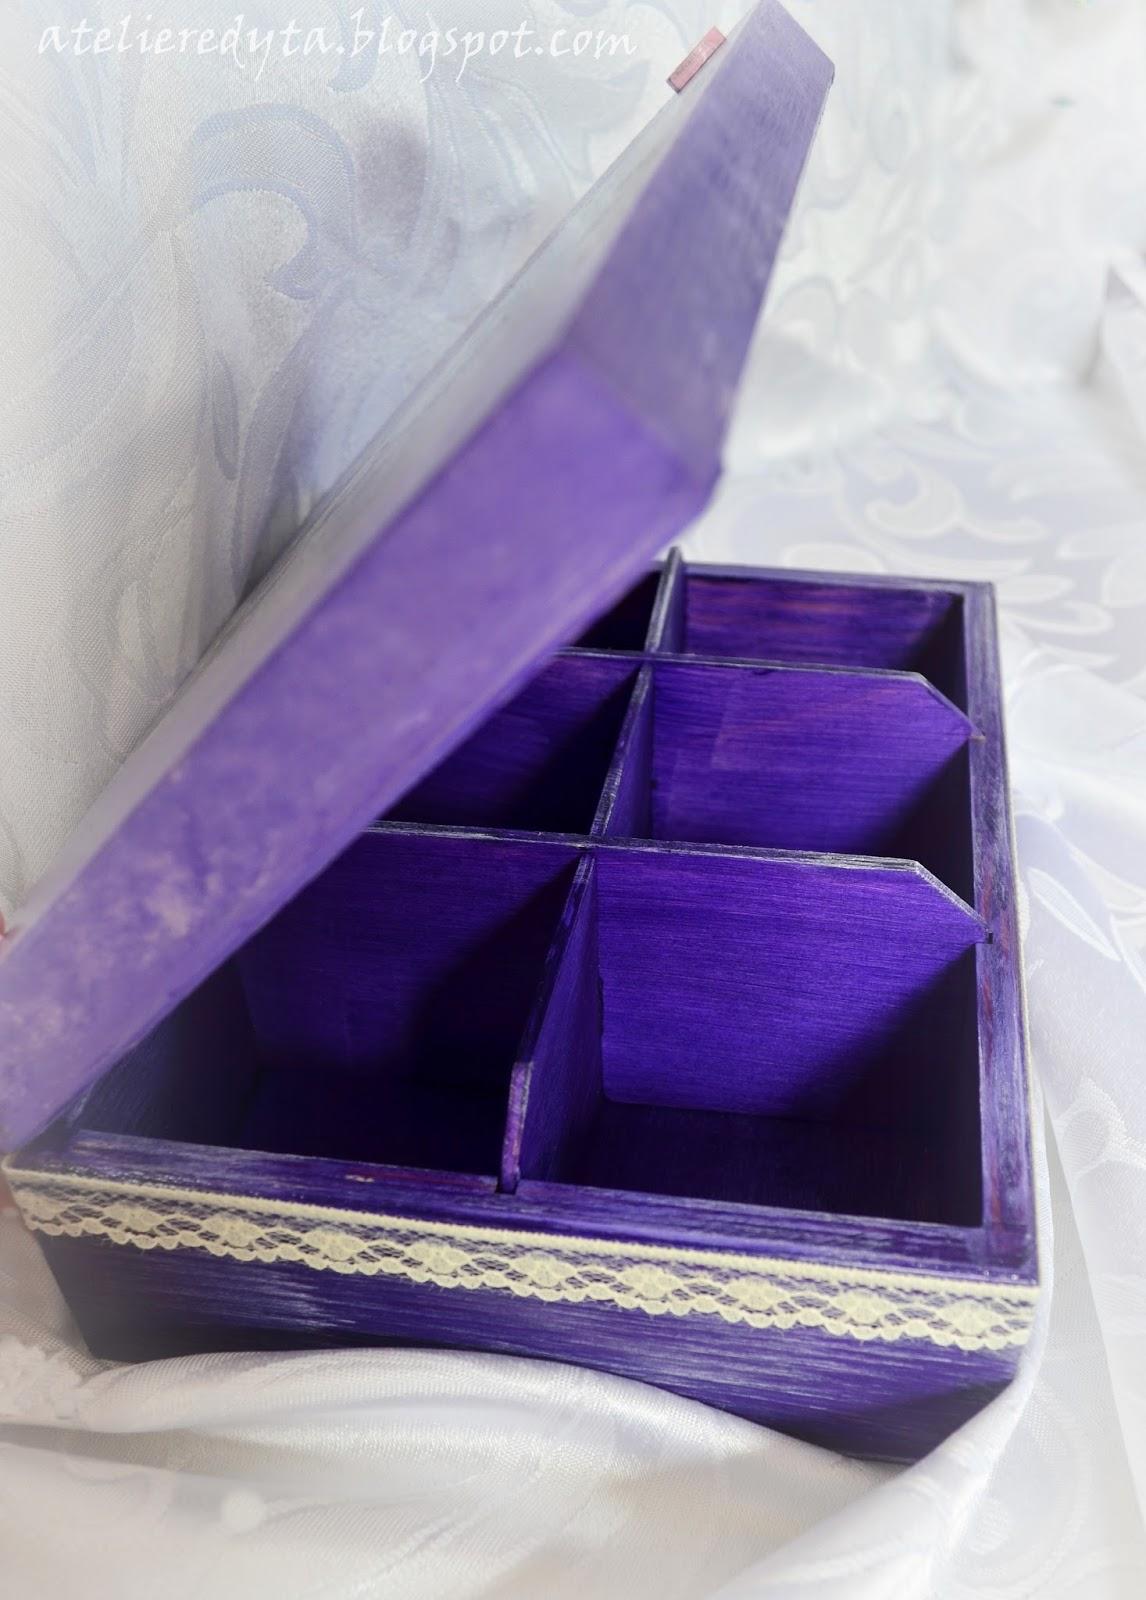 Fioletowe pudełko wykonane metodą decoupage dla dziewczynki